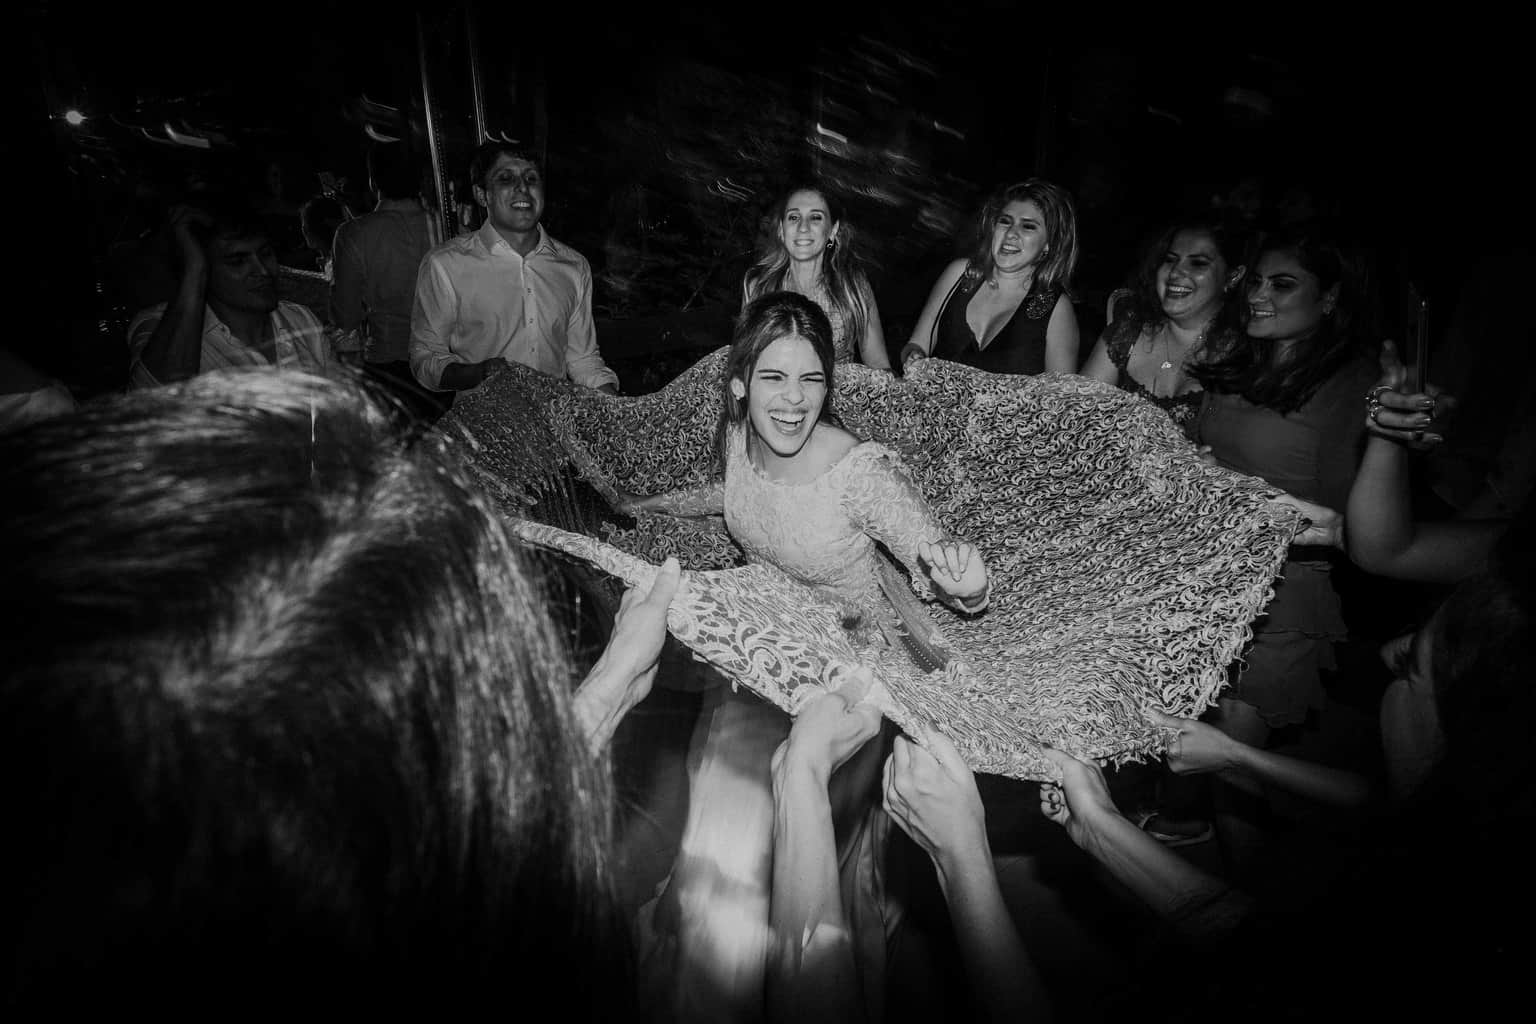 casamento-na-serra-festa-de-casamento-Fotografia-Renata-Xavier-Les-Amies-Cerimonial-Locanda-Della-Mimosa-Natalia-e-Bruno-noiva-na-pista719